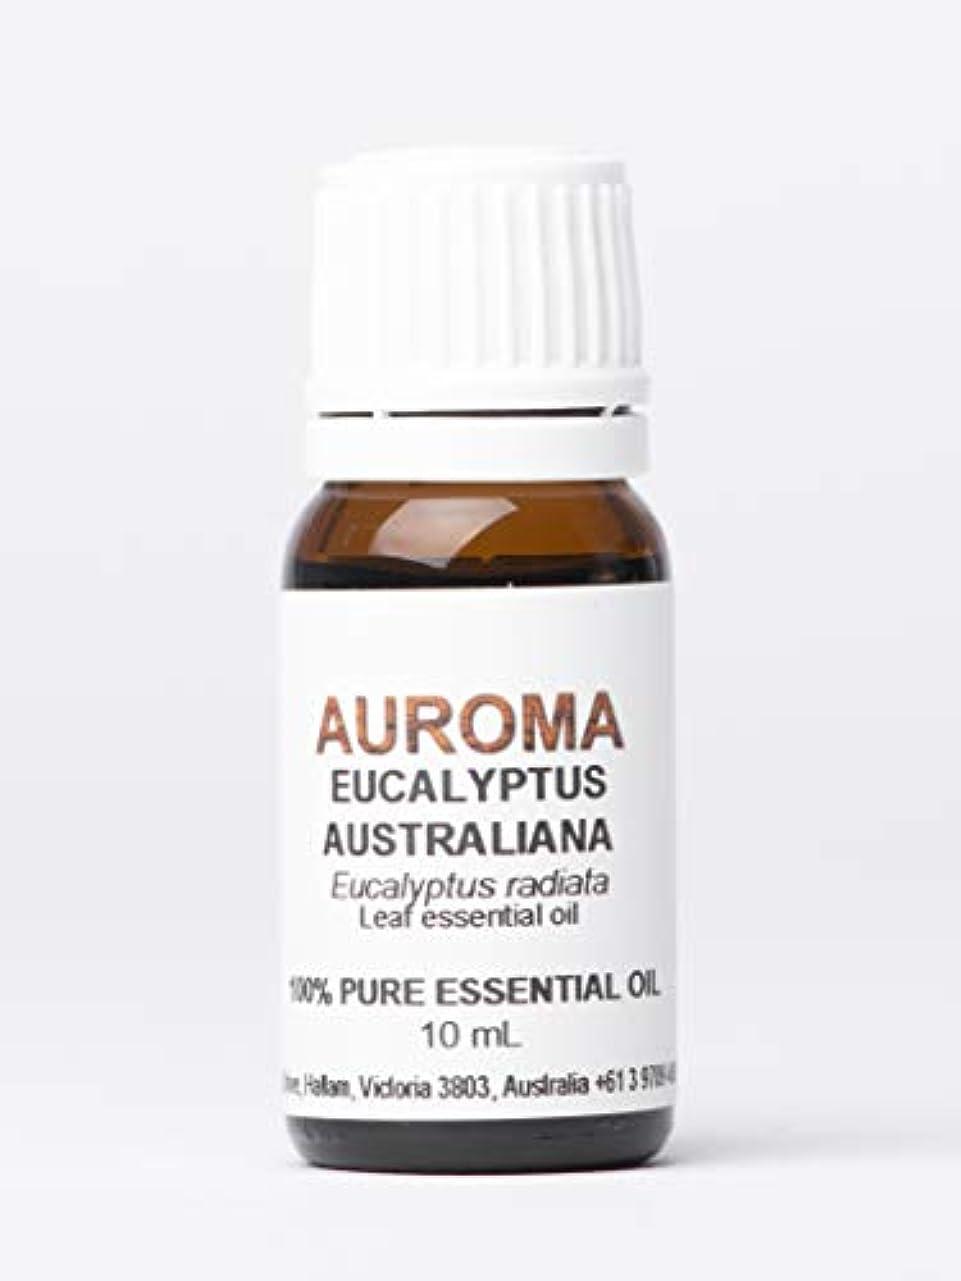 発信ショートカット選択するAUROMA ユーカリオーストラリアーナ(ラディアタ種) 10ml